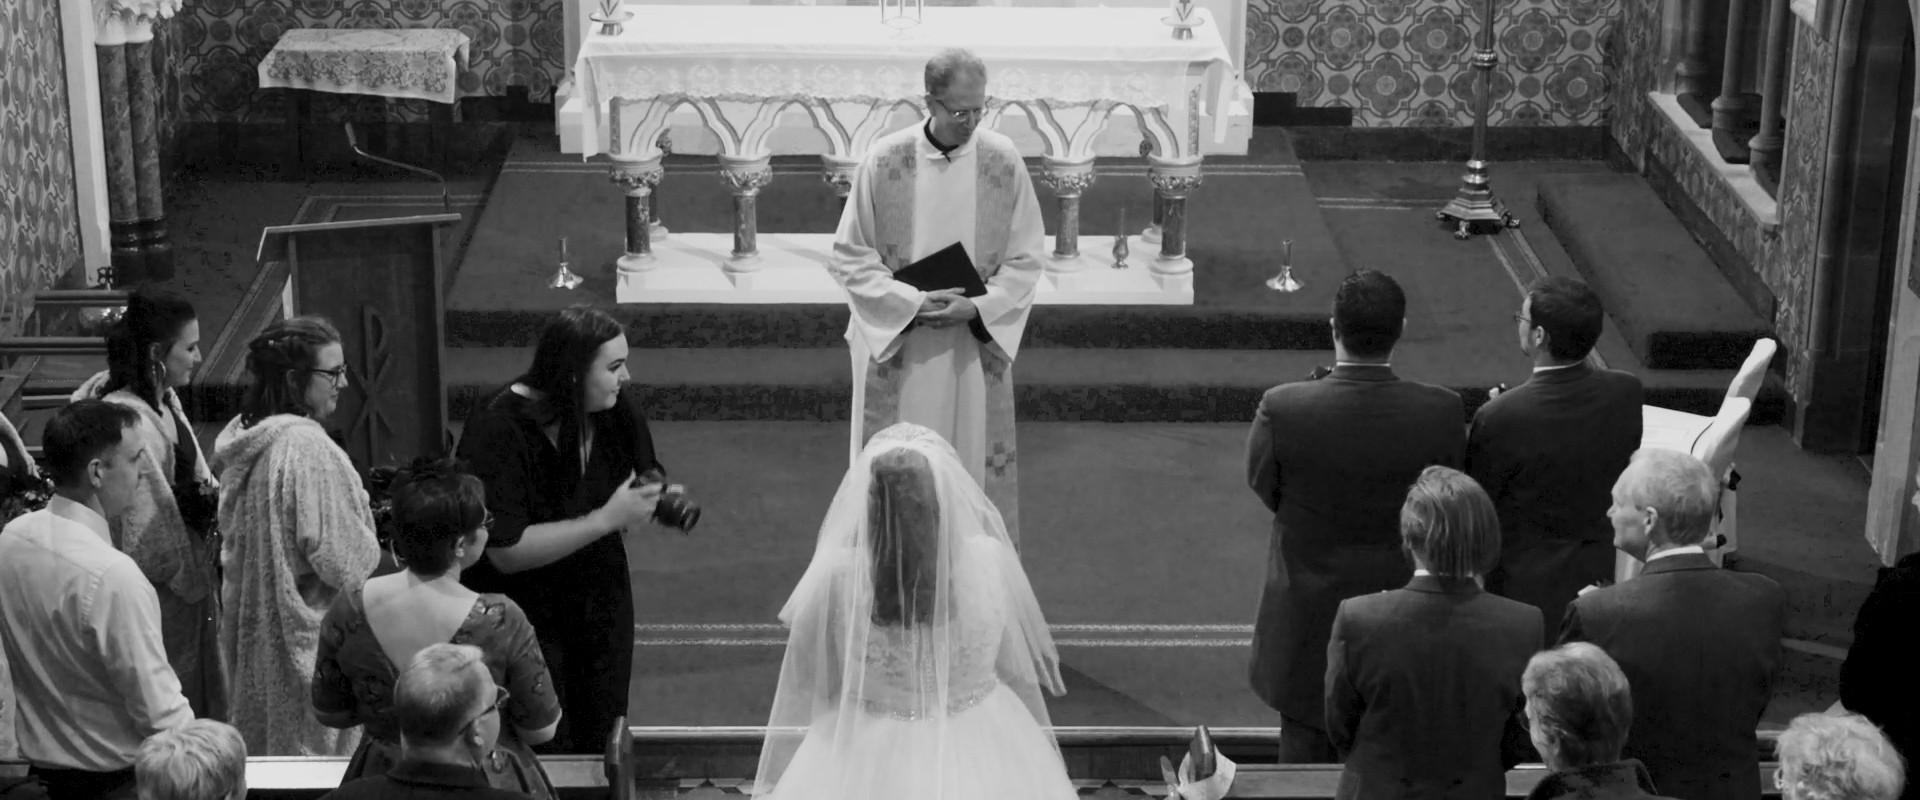 Wedding-ShortFilm-BW.00_02_00_19.Still01